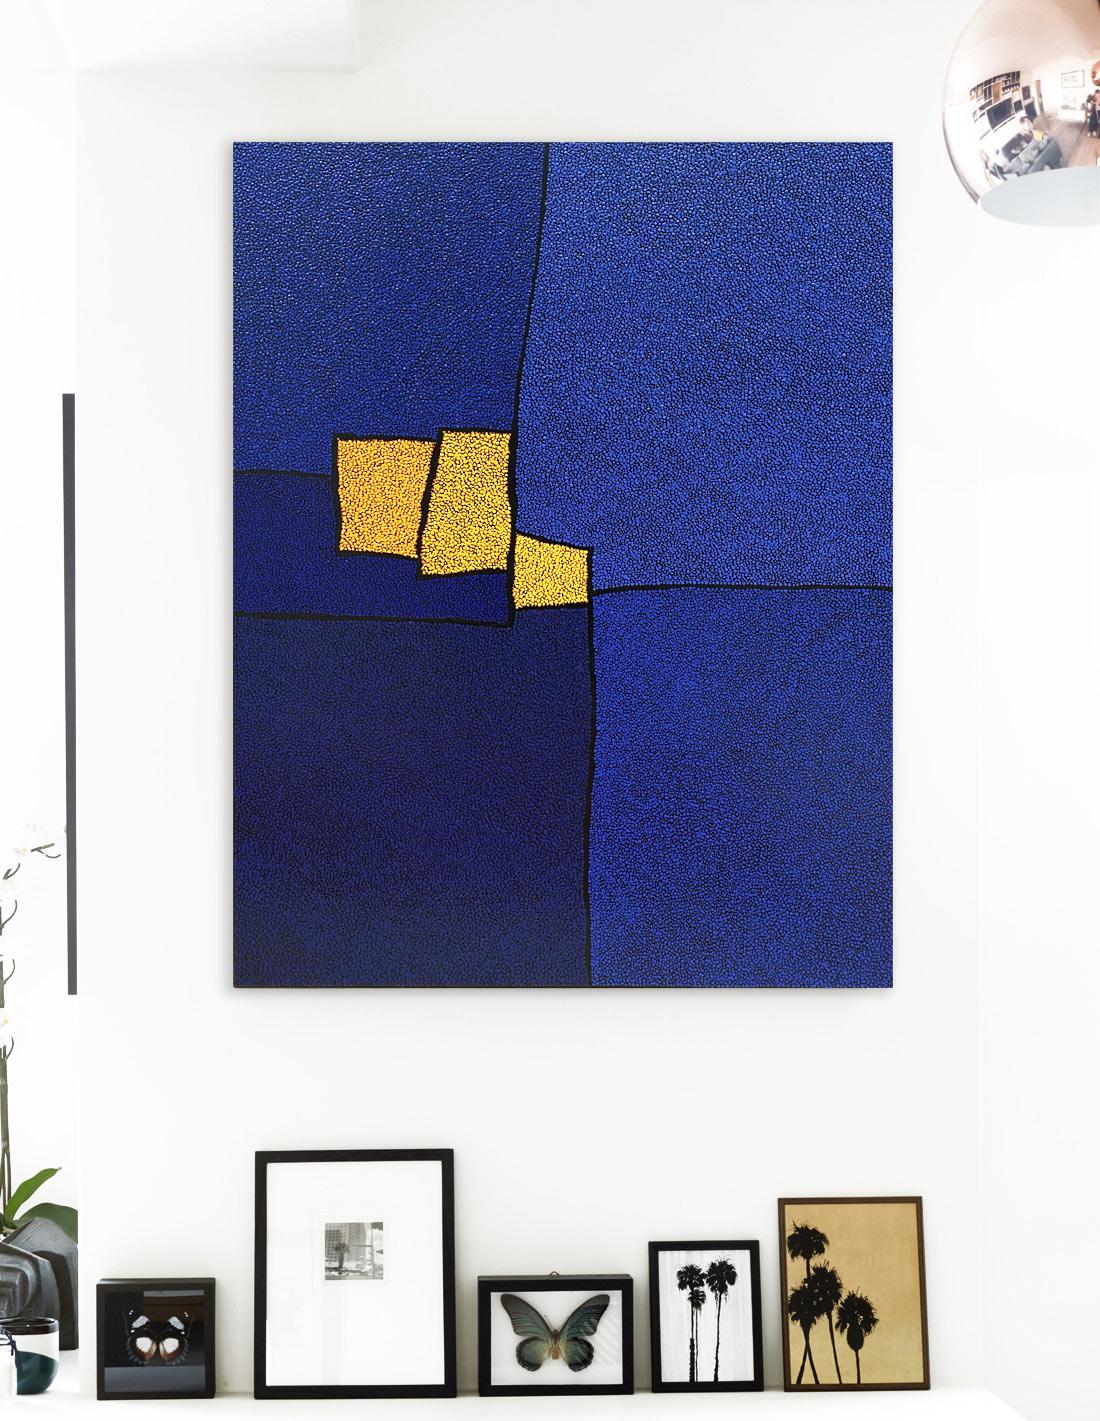 Sans-titre-(vertical-bleu-et-jaune)-insitu